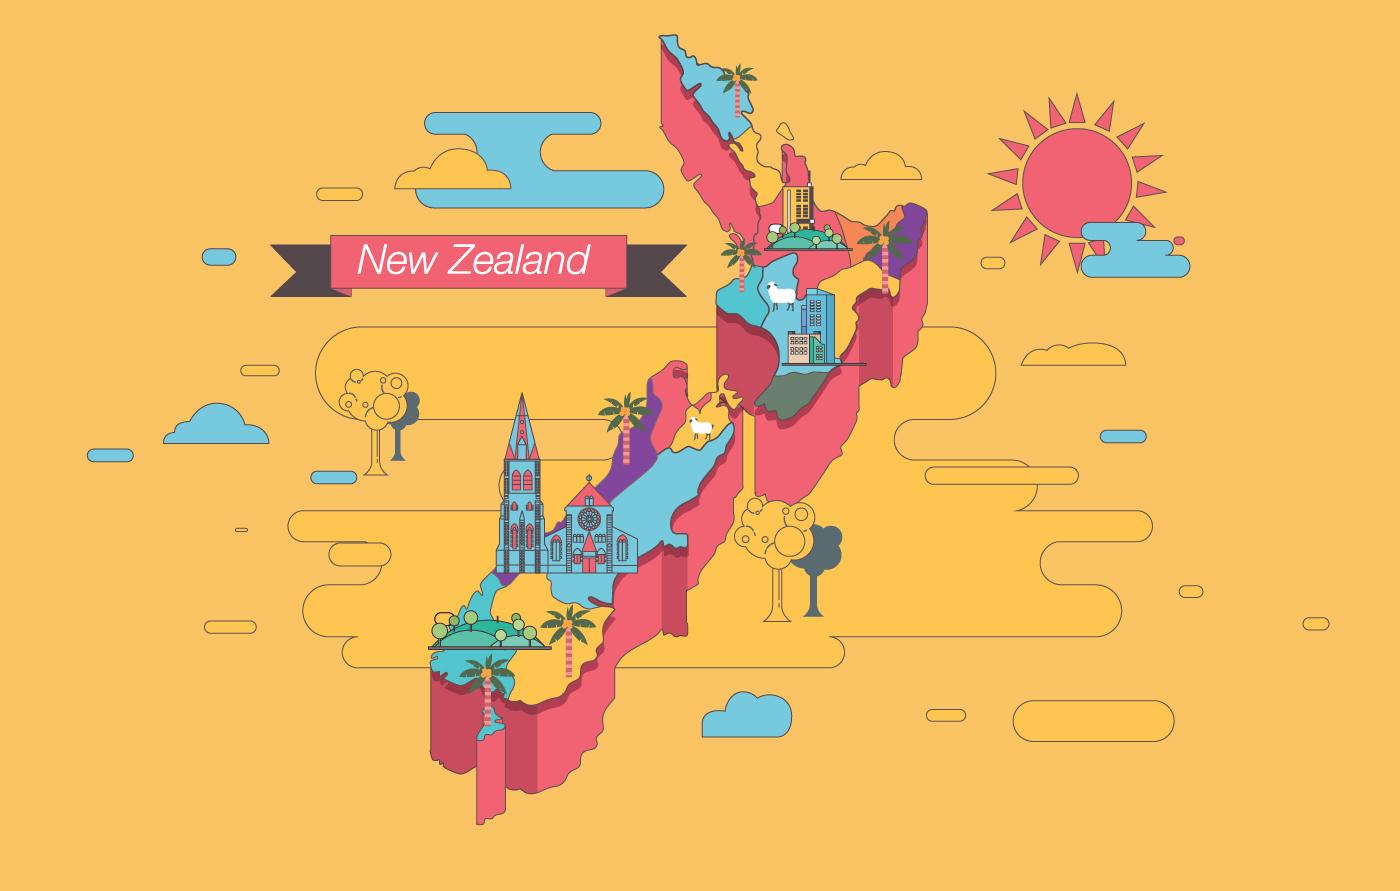 Nova Zelândia Mapa Vol 2 Vector